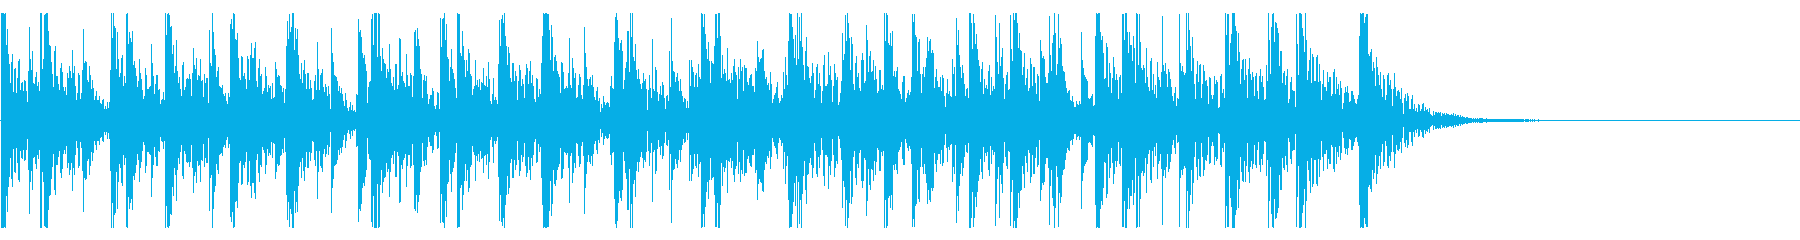 祭囃子風の短い和太鼓ジングル。の再生済みの波形